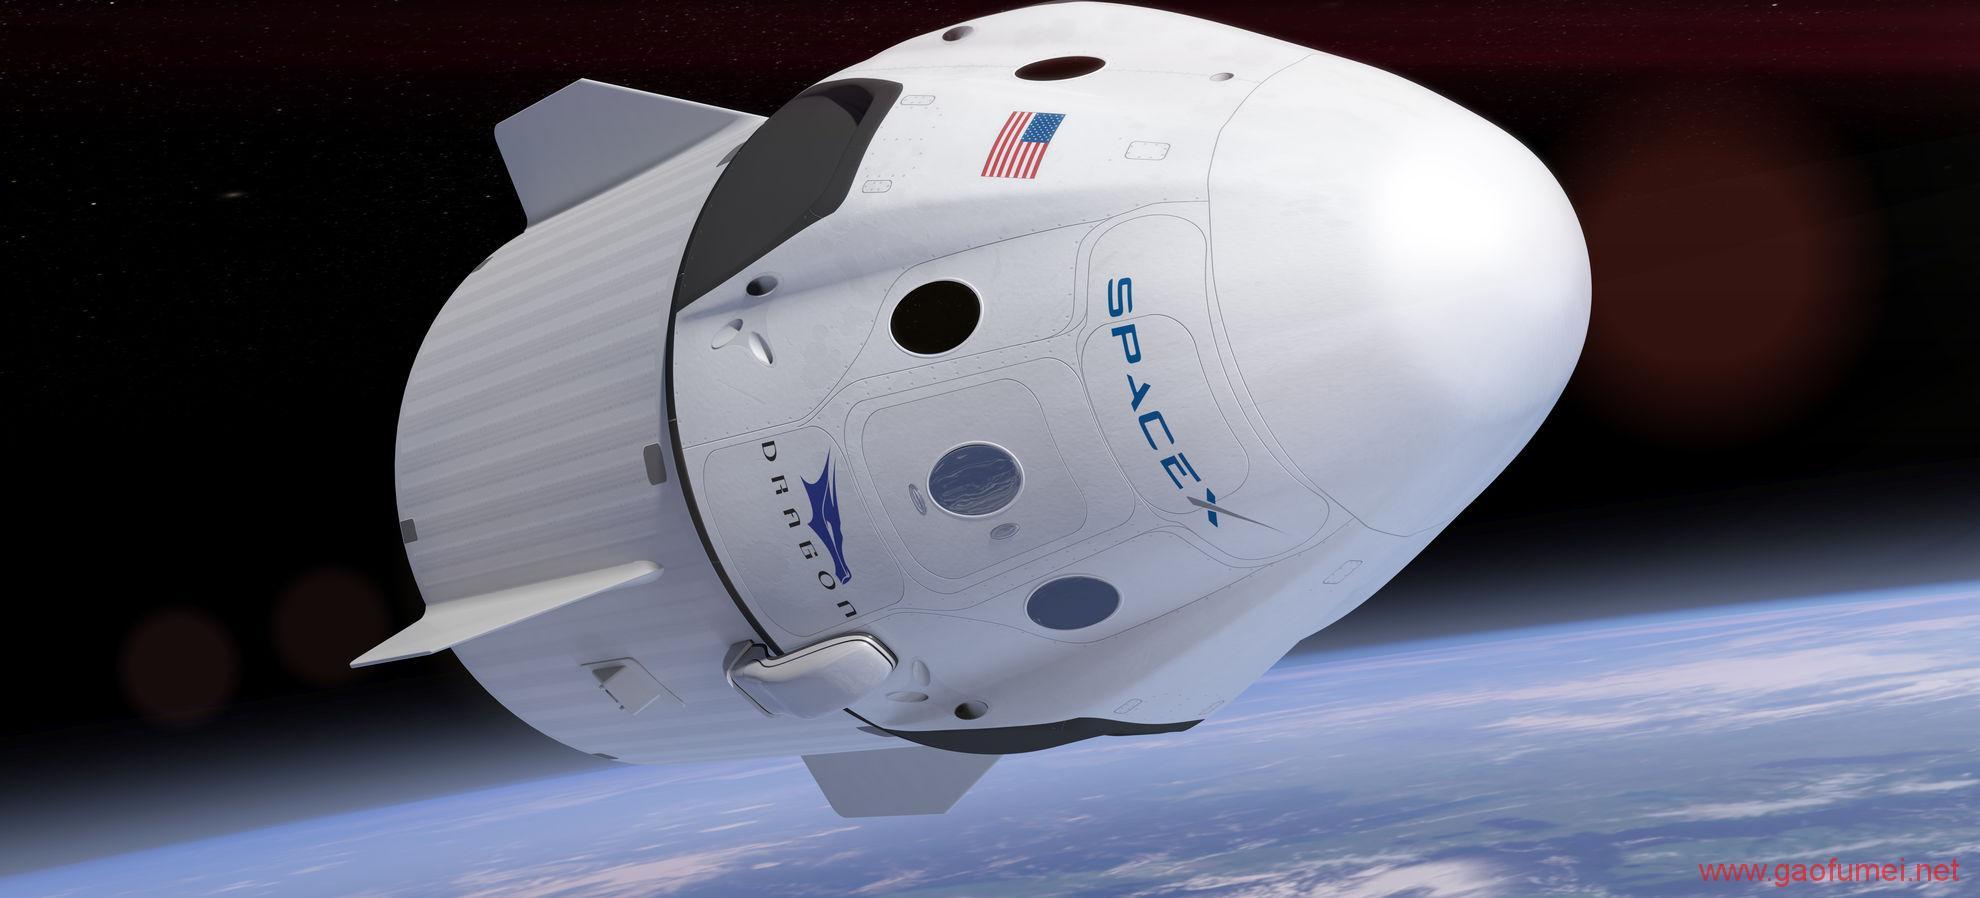 继二次回收运载火箭之后二手太空船也被SpaceX成功回收了